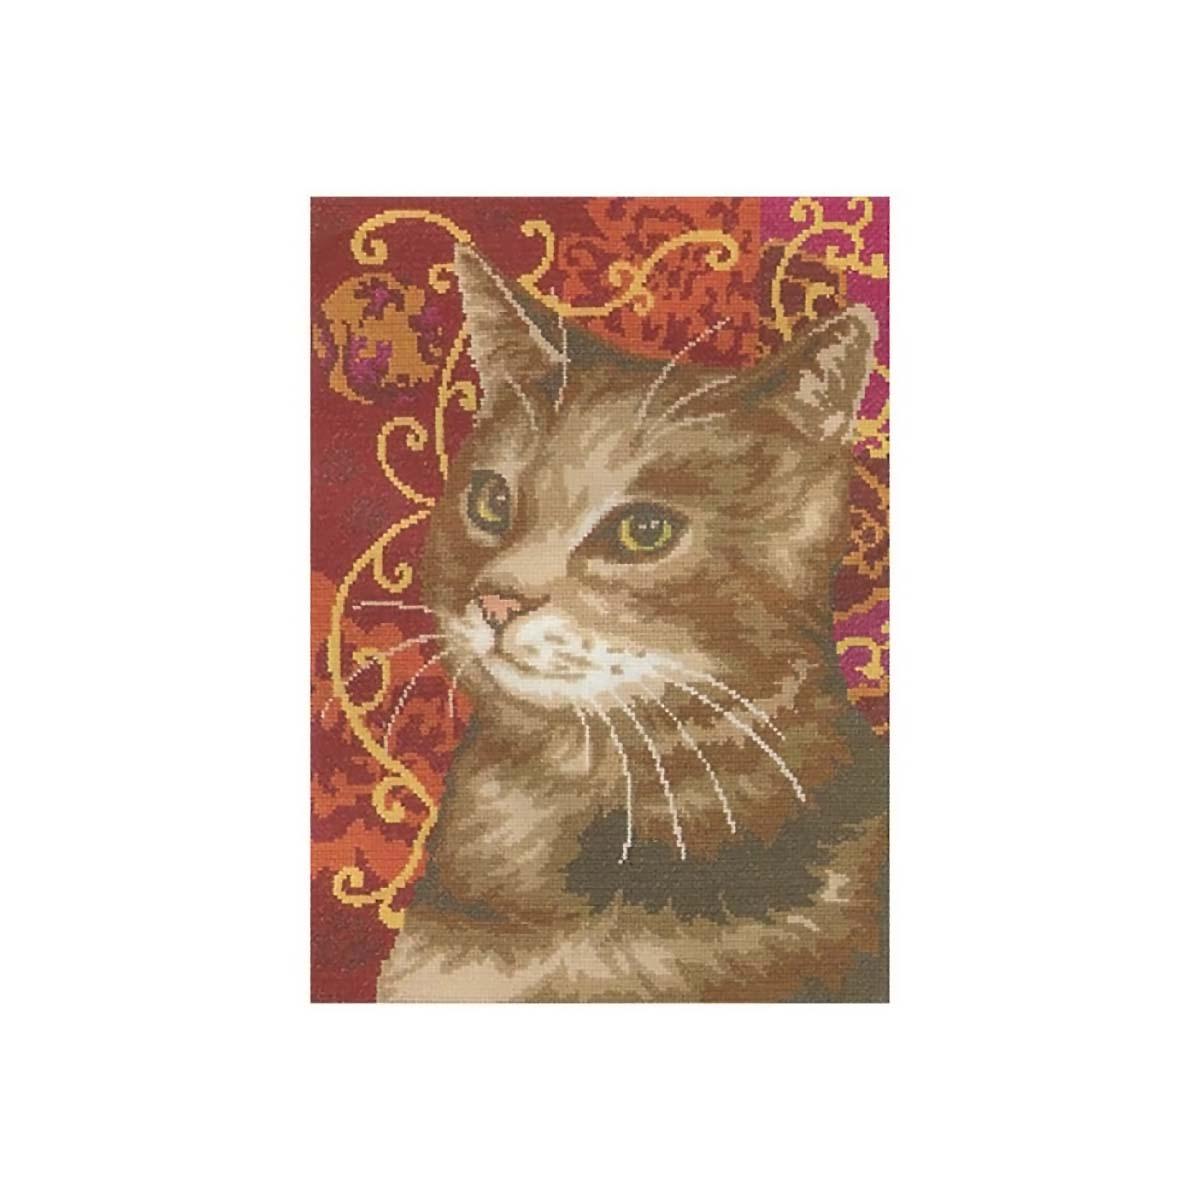 MRMK1974-4546 Набор для вышивания MARGOT 'Кошка' 30*35см